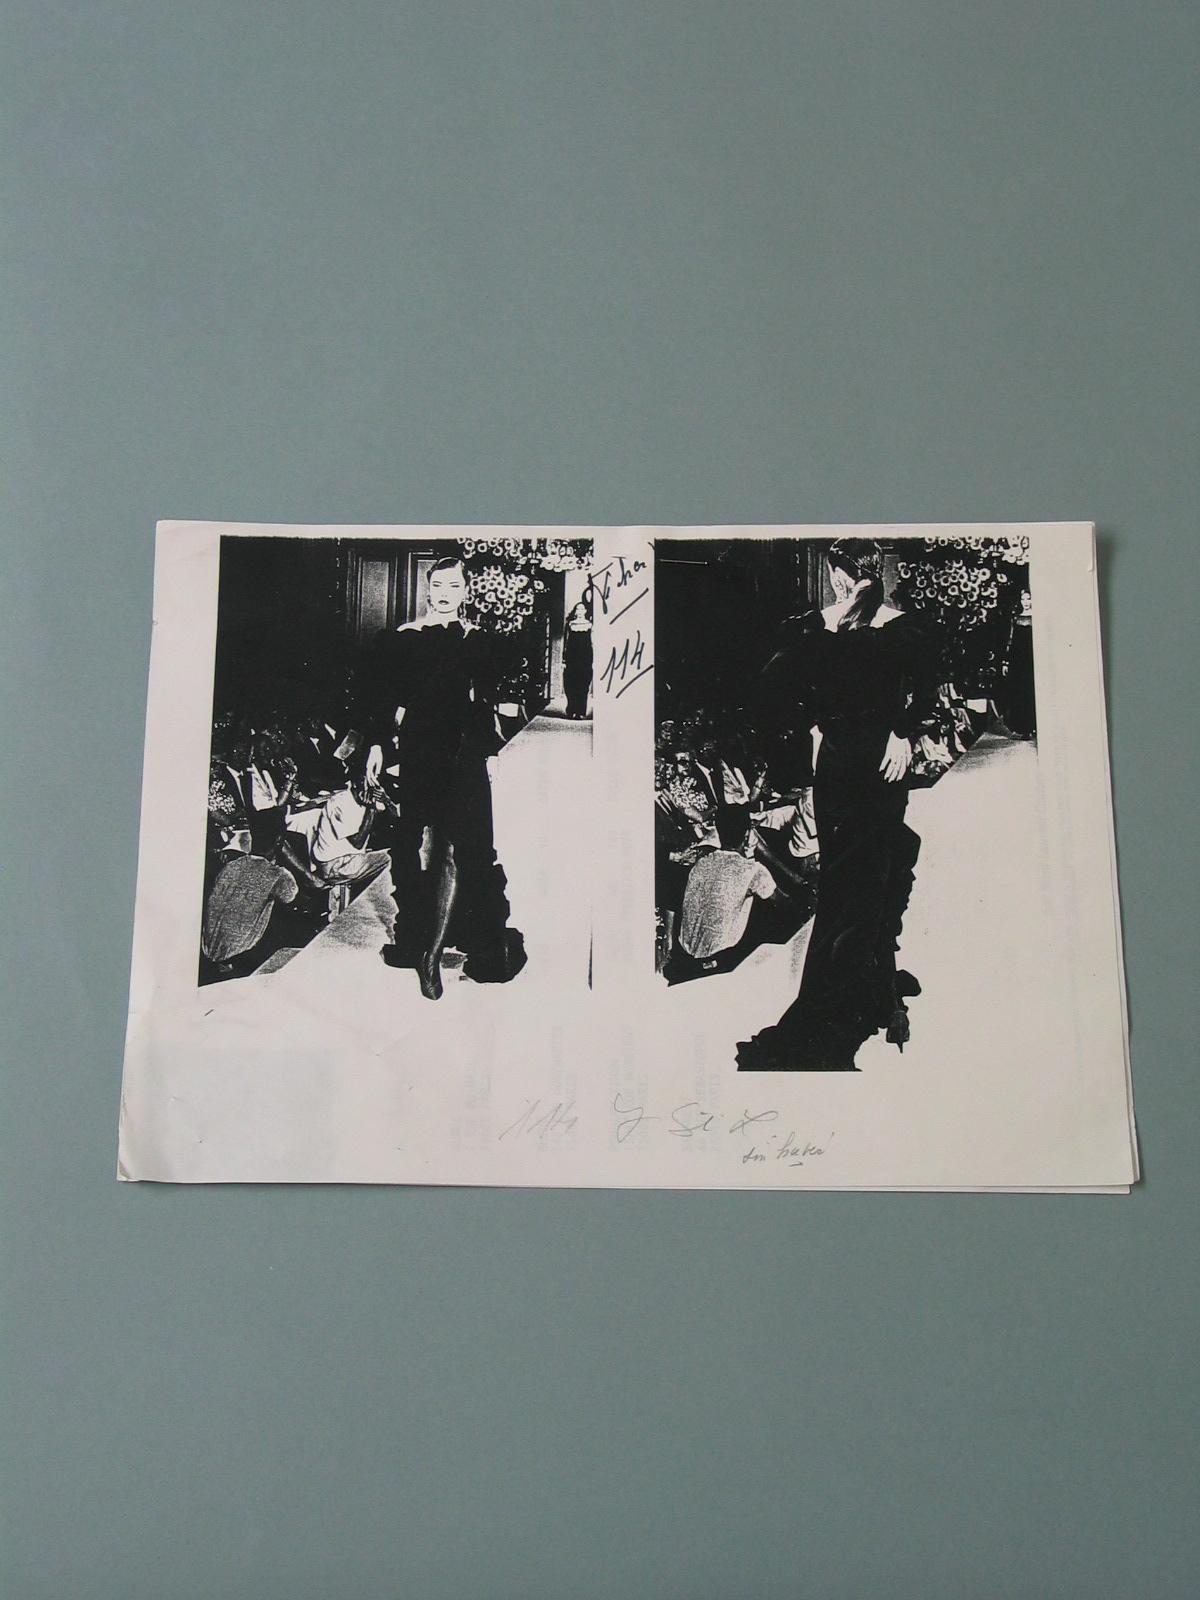 """Documentación referente al """"modelo 114"""" de invierno de 1990-1991 de Yves Saint Laurent"""